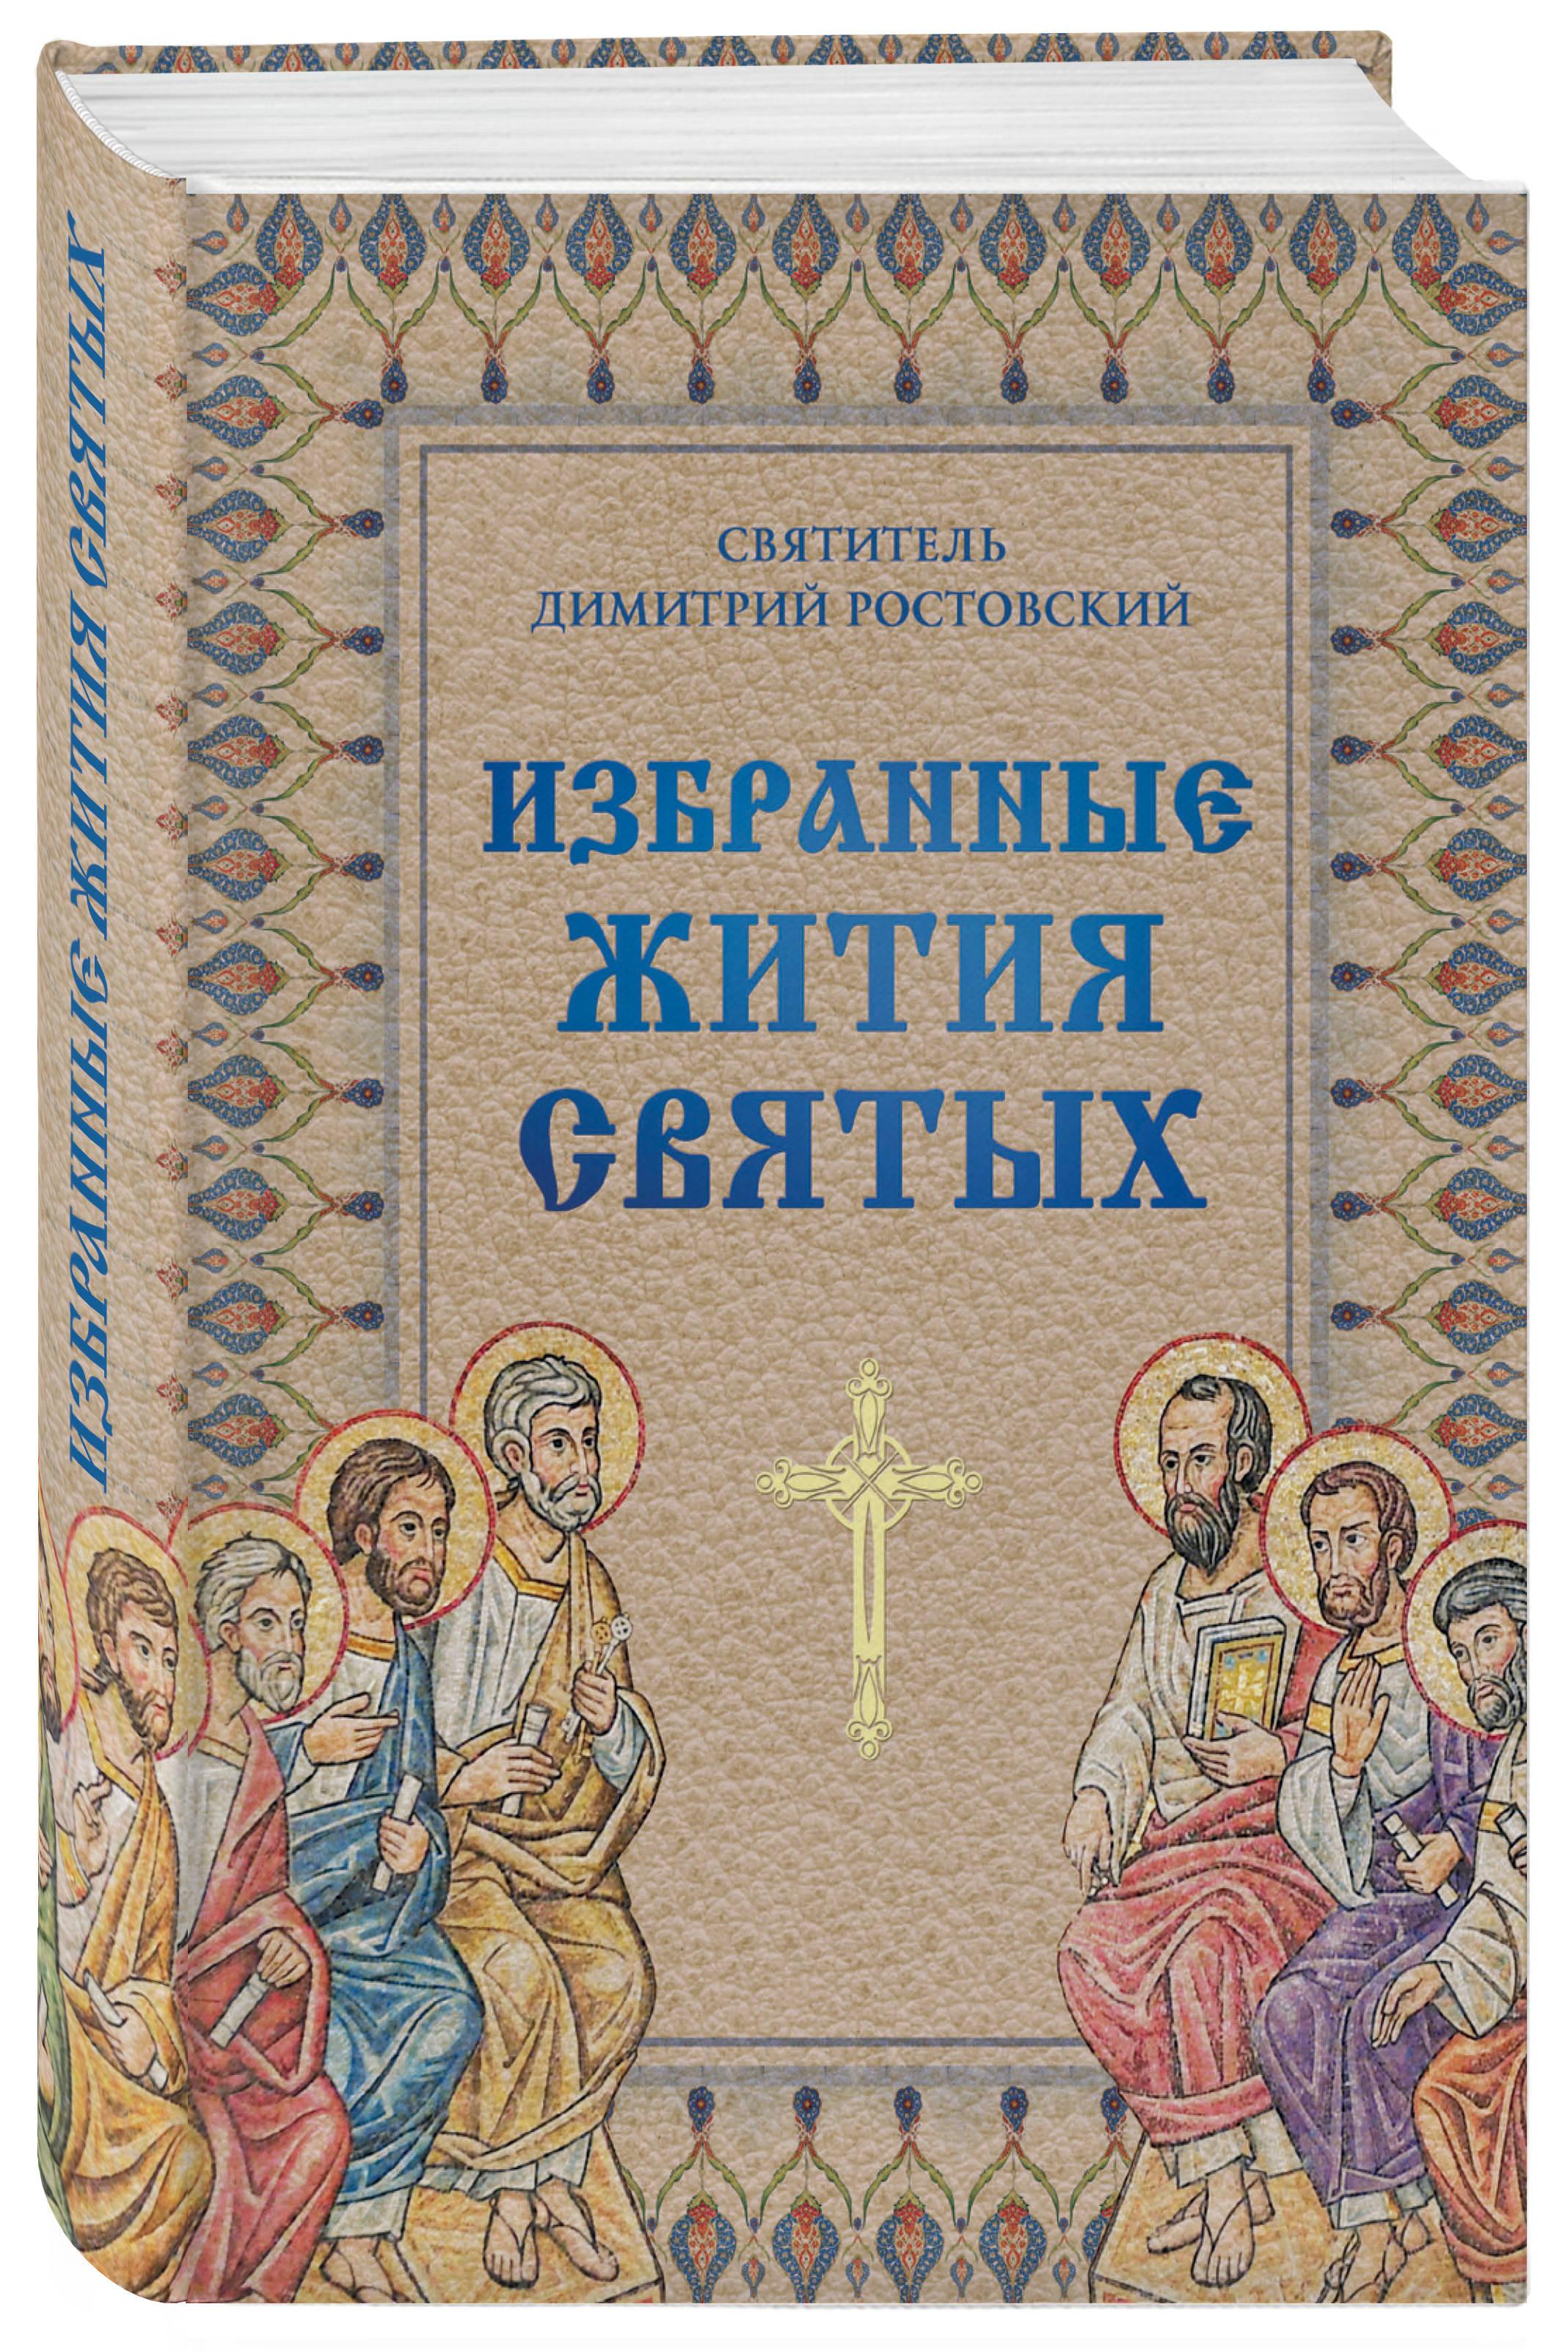 Епископ Димитрий Ростовский Избранные жития святых святителя Димитрия Ростовского